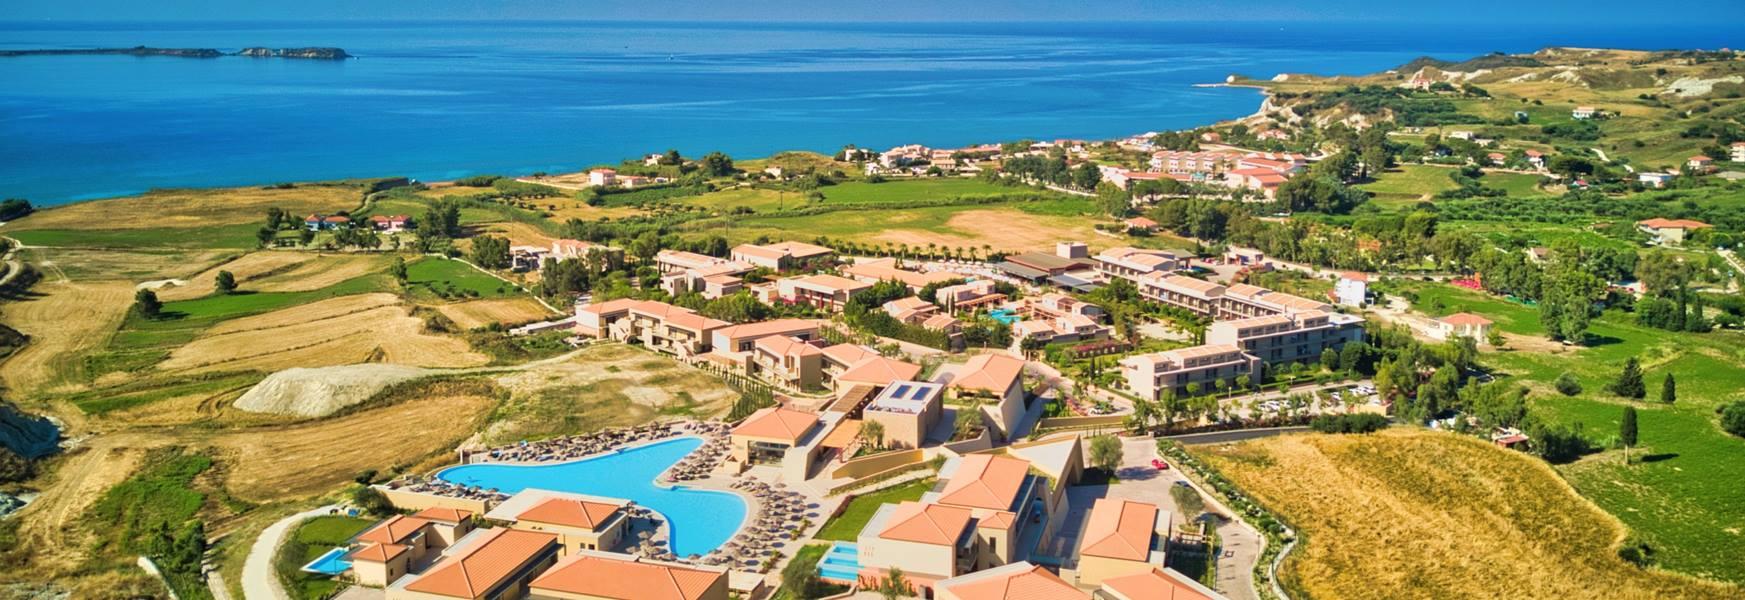 Hotel Asterias Resort & Spa, Lixuri, Kefalonia